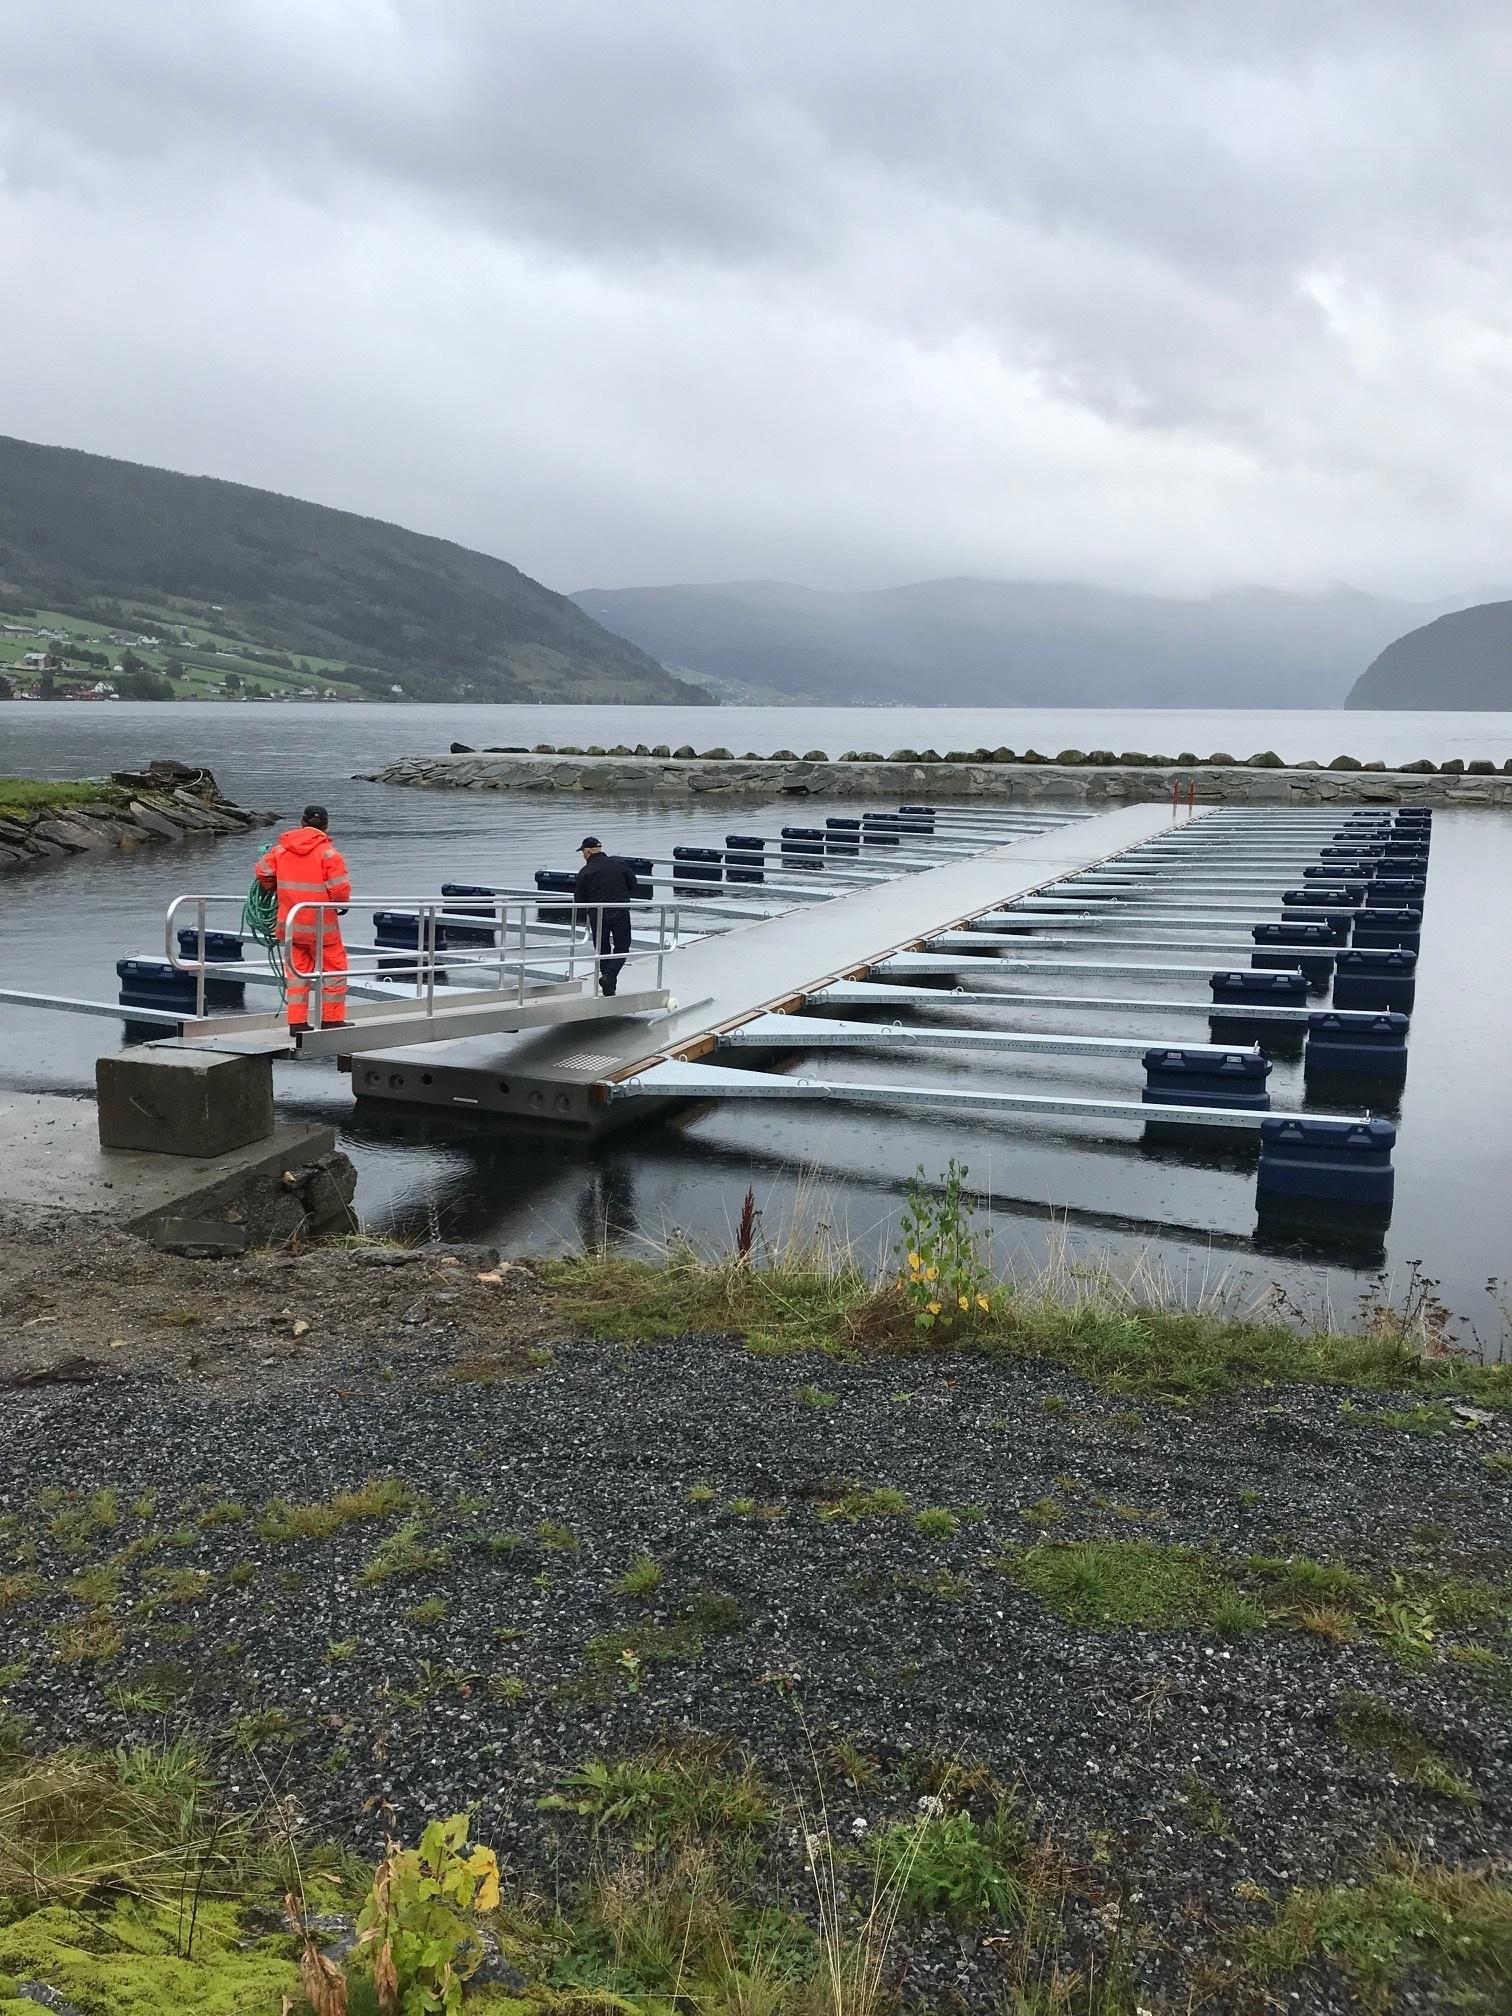 https://www.marinasolutions.no/uploads/Innvik-båtforening-småbåtsanlegg-sklisikre-utriggere-fortøyningsbommer-3.jpg